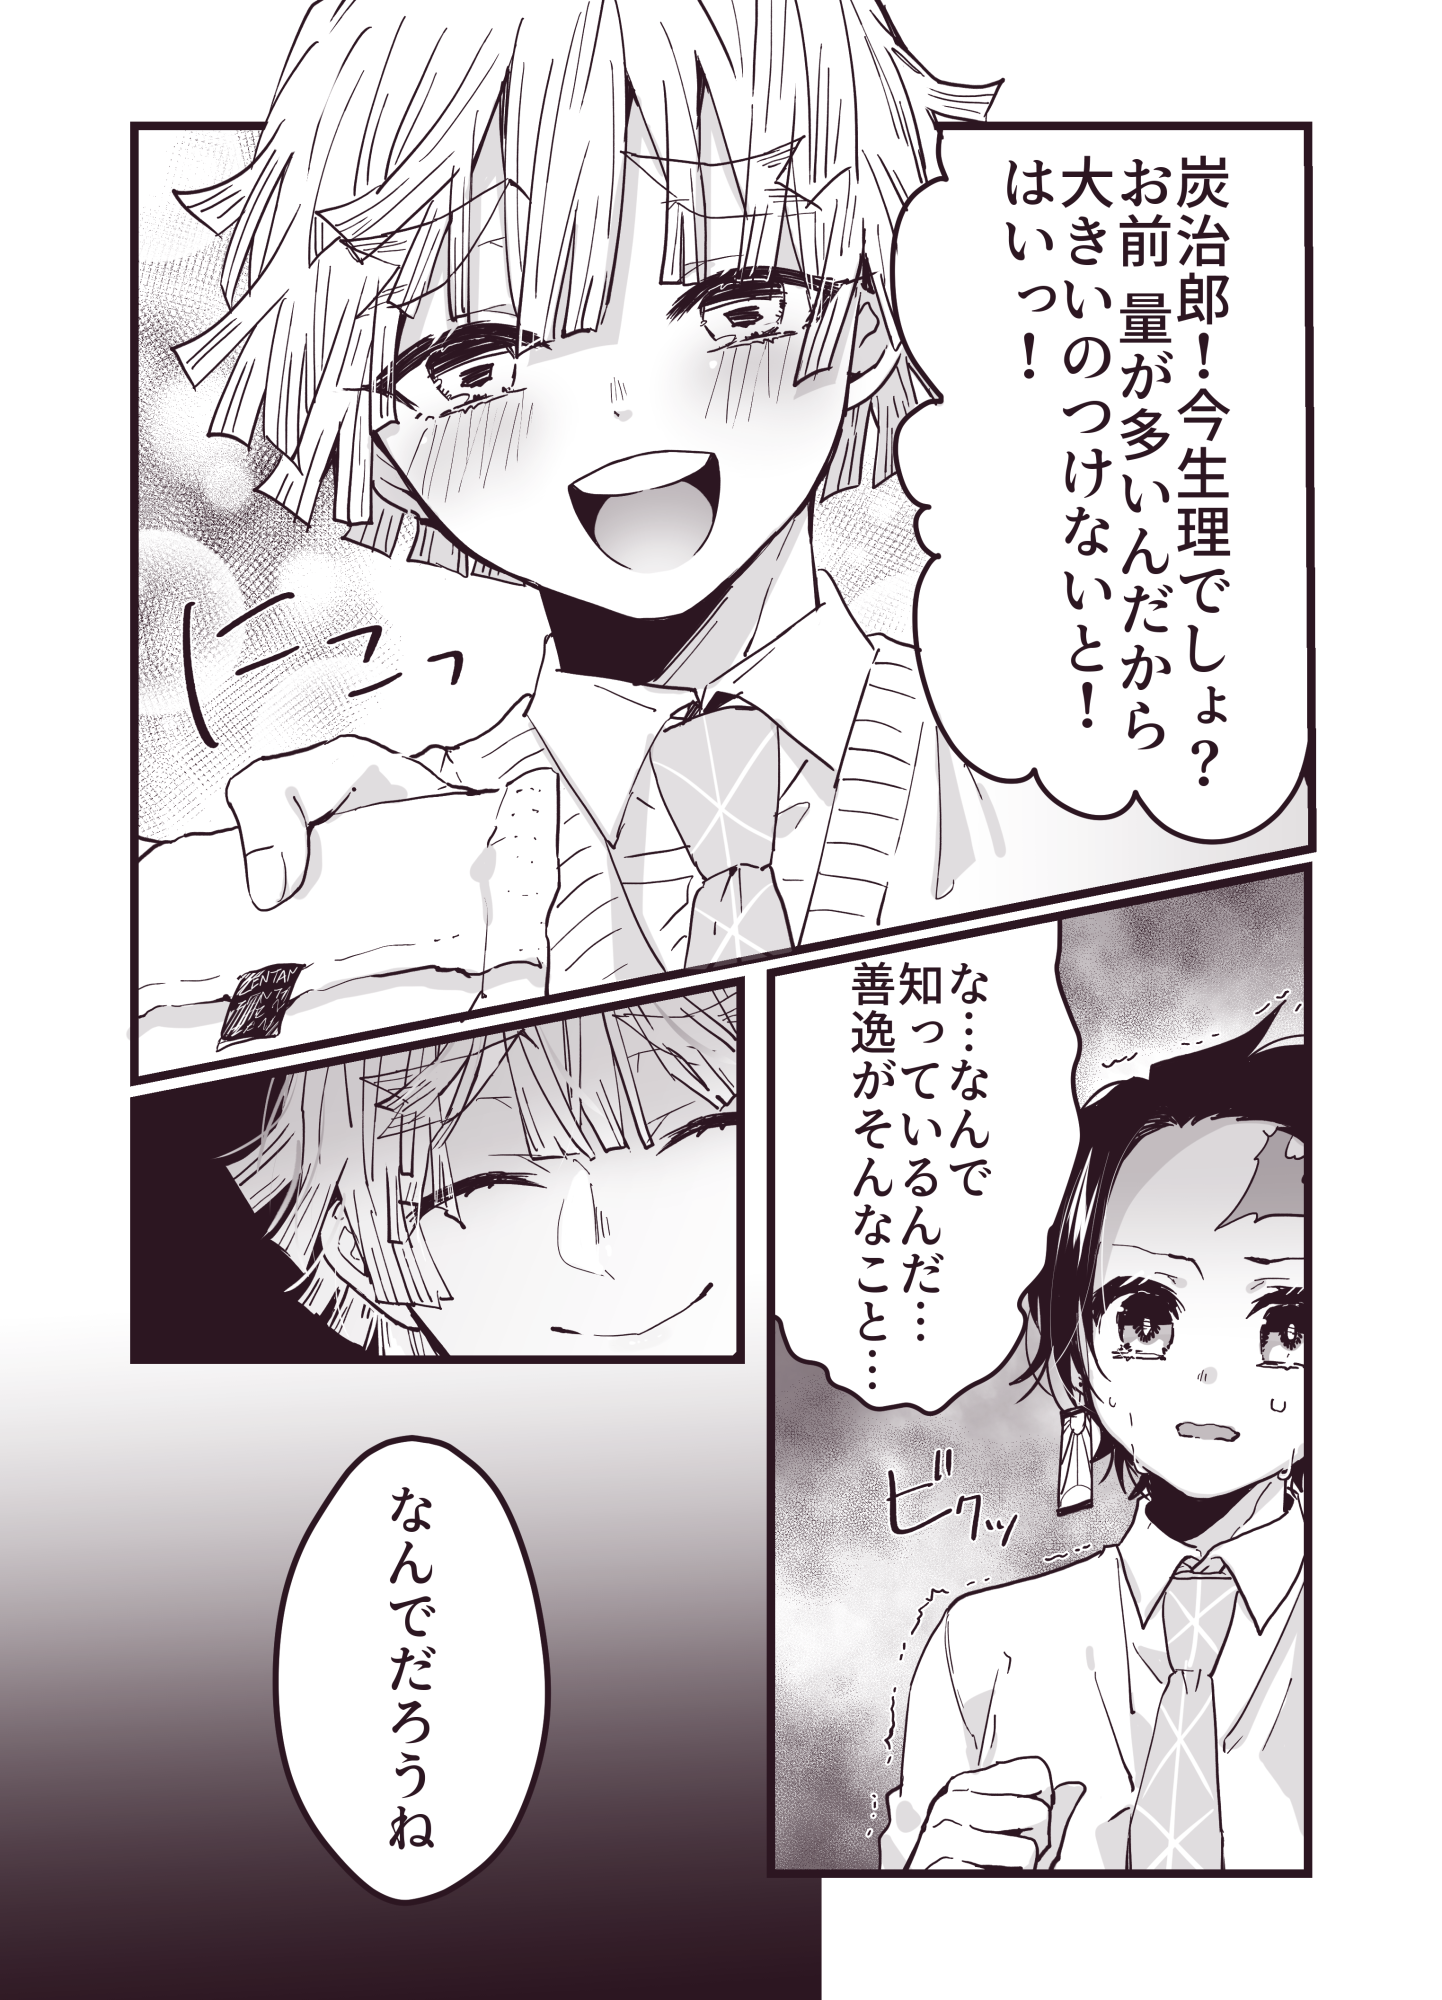 黒猫さん mayokoro0830 twitter anime anime demon manga